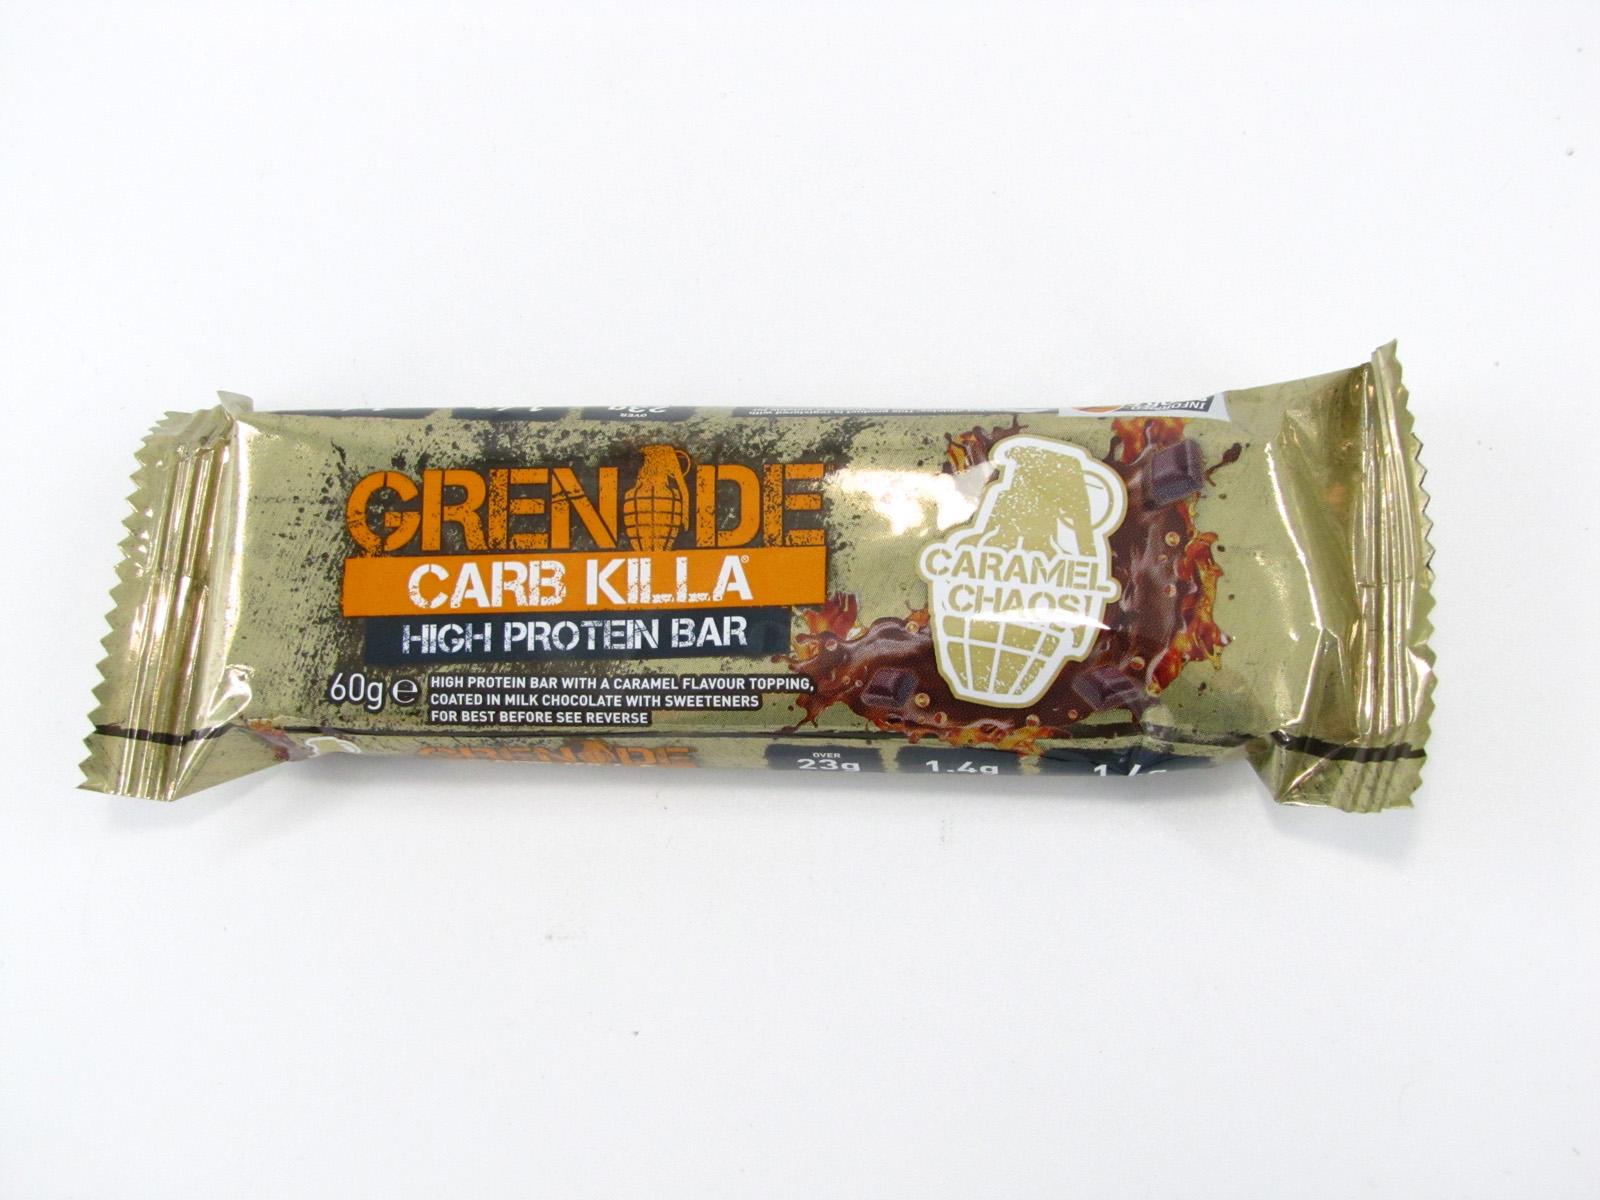 Grenade Carb Killa Protein Bar - Caramel Chaos - front view